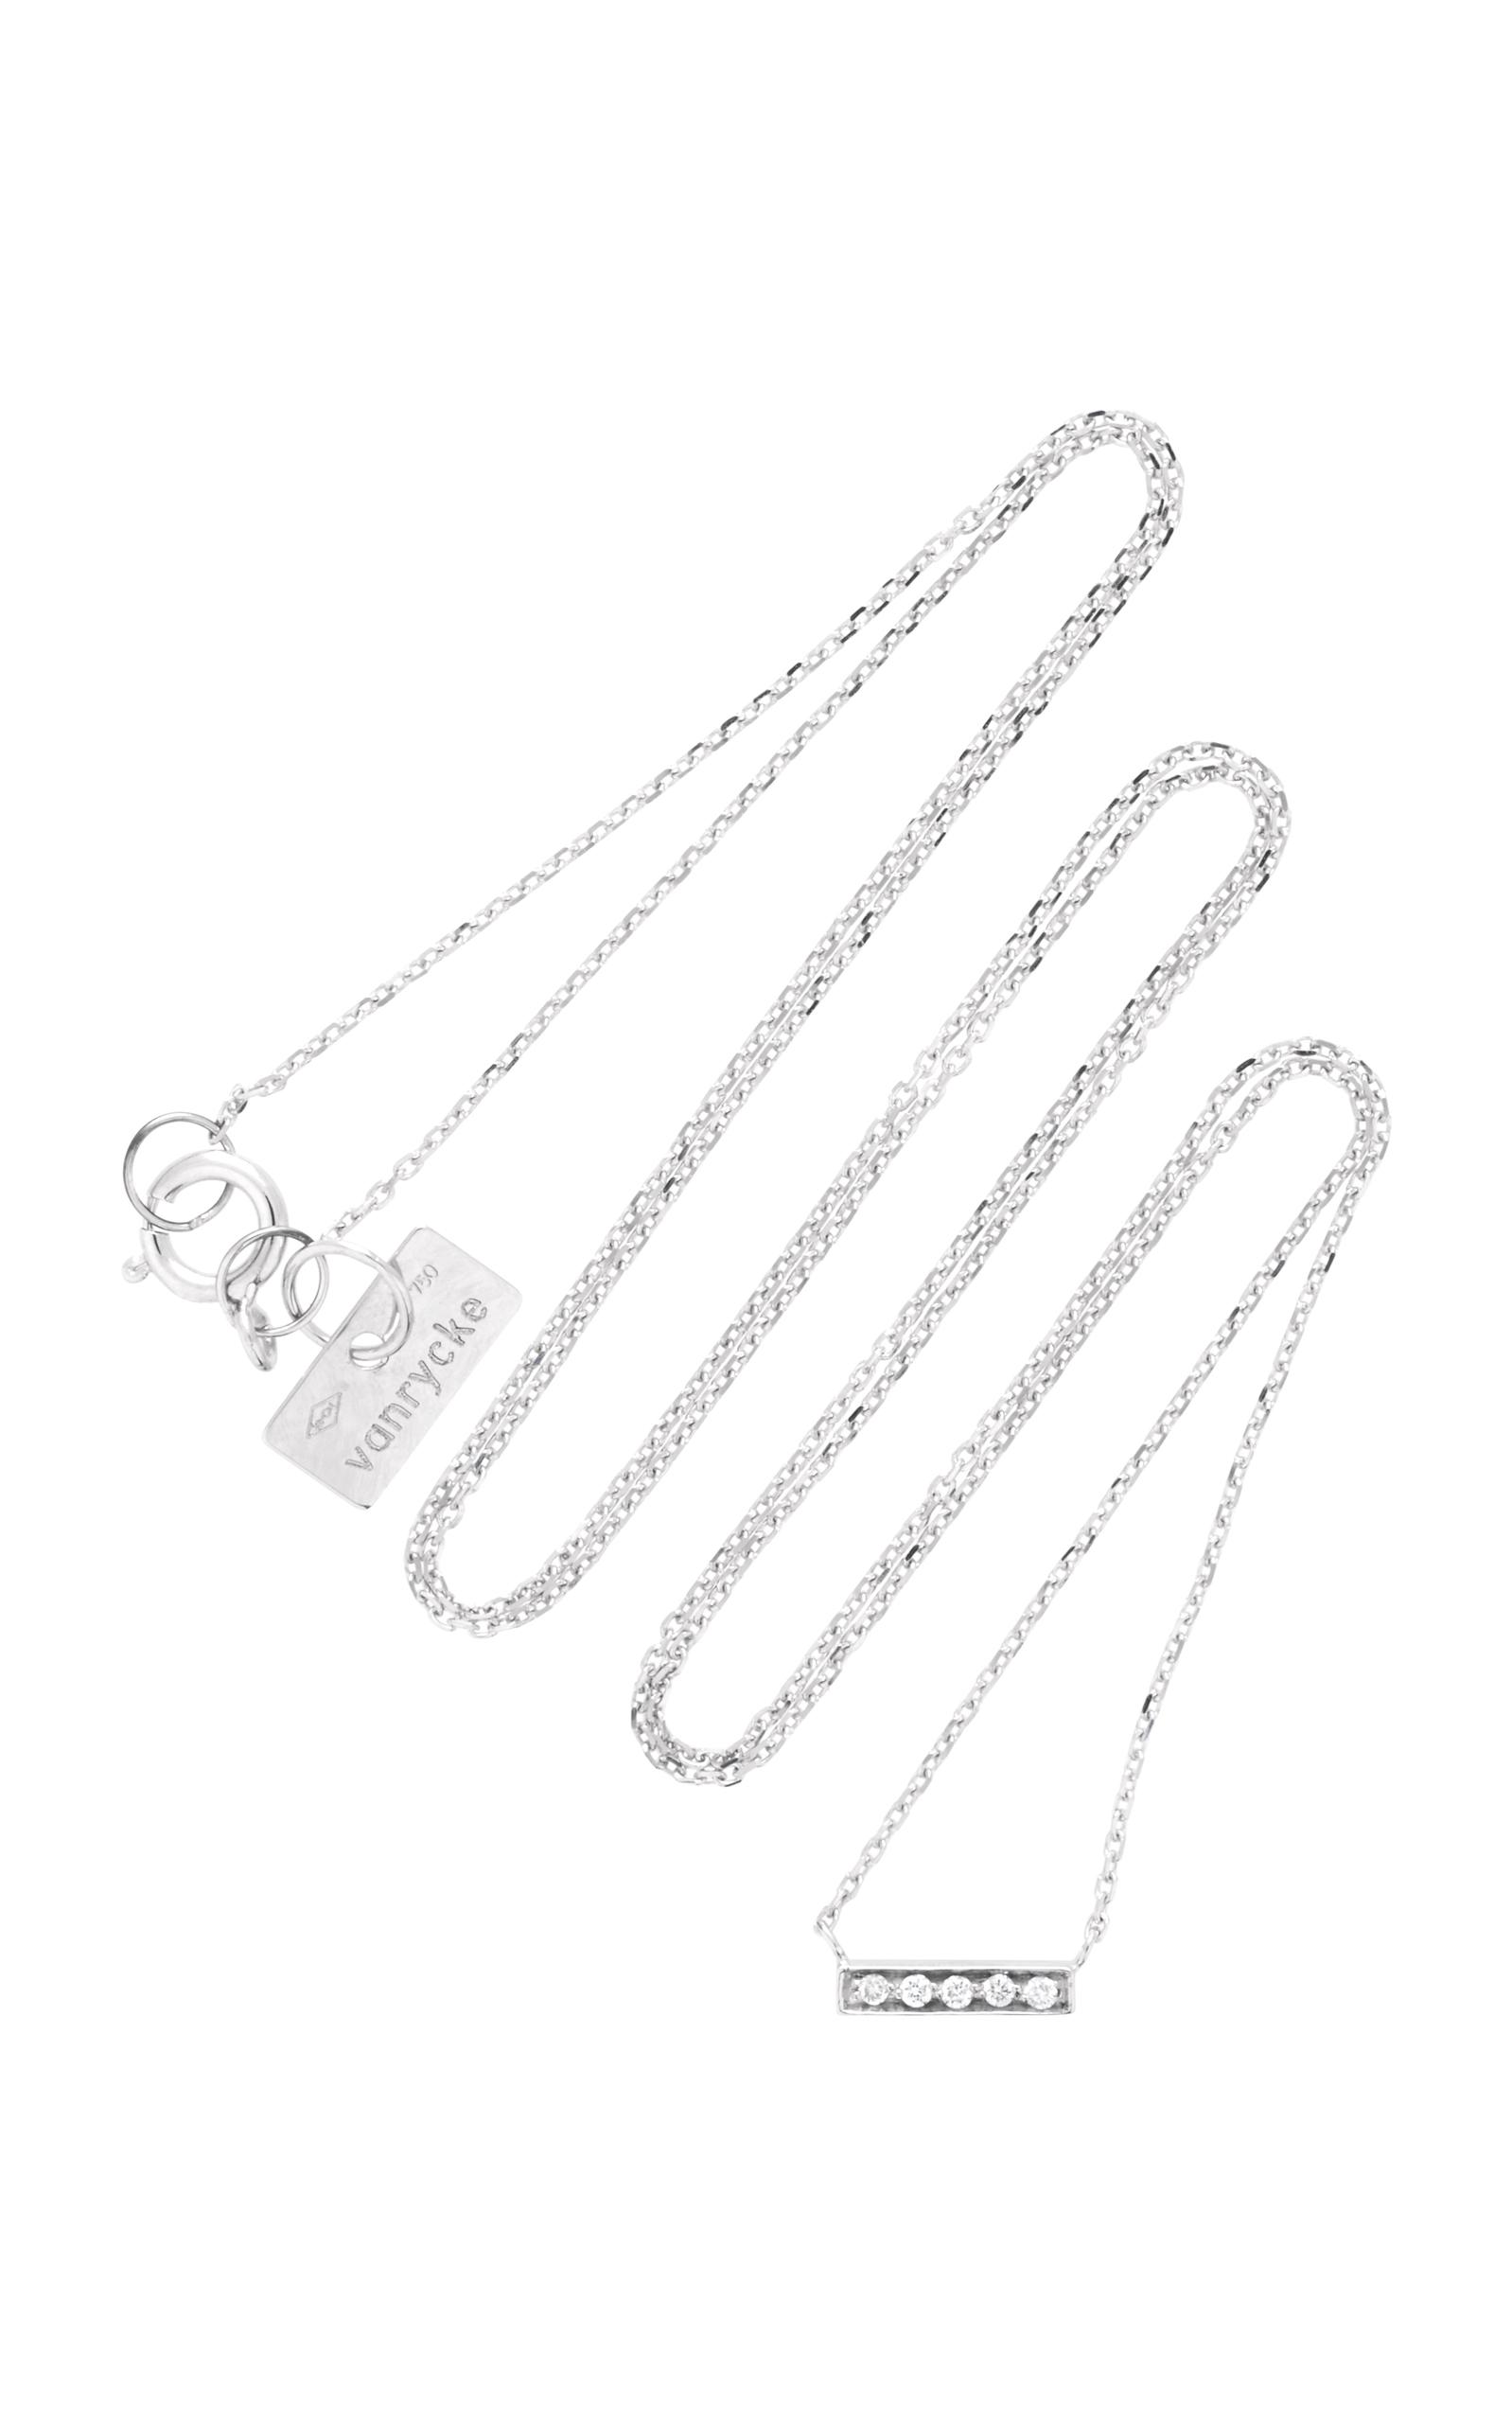 VANRYCKE Medellin 18K White Gold Diamond Necklace in Silver